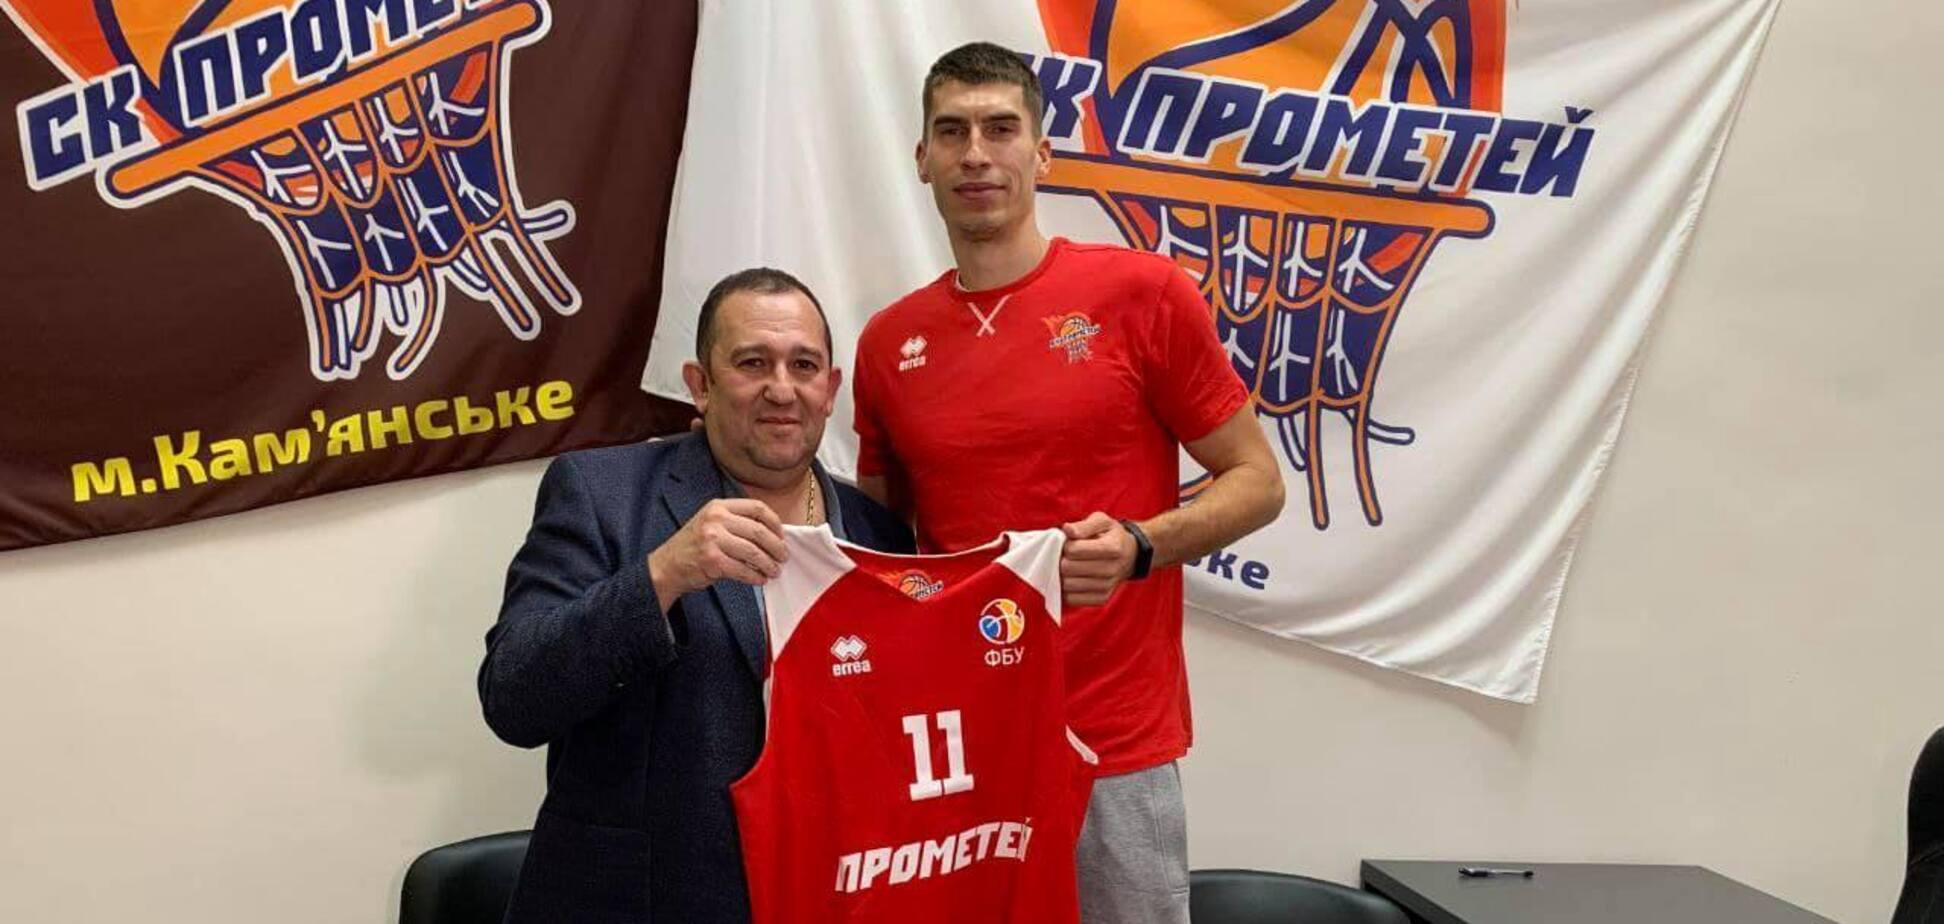 СК 'Прометей' подписал контракт с защитником сборной Украины